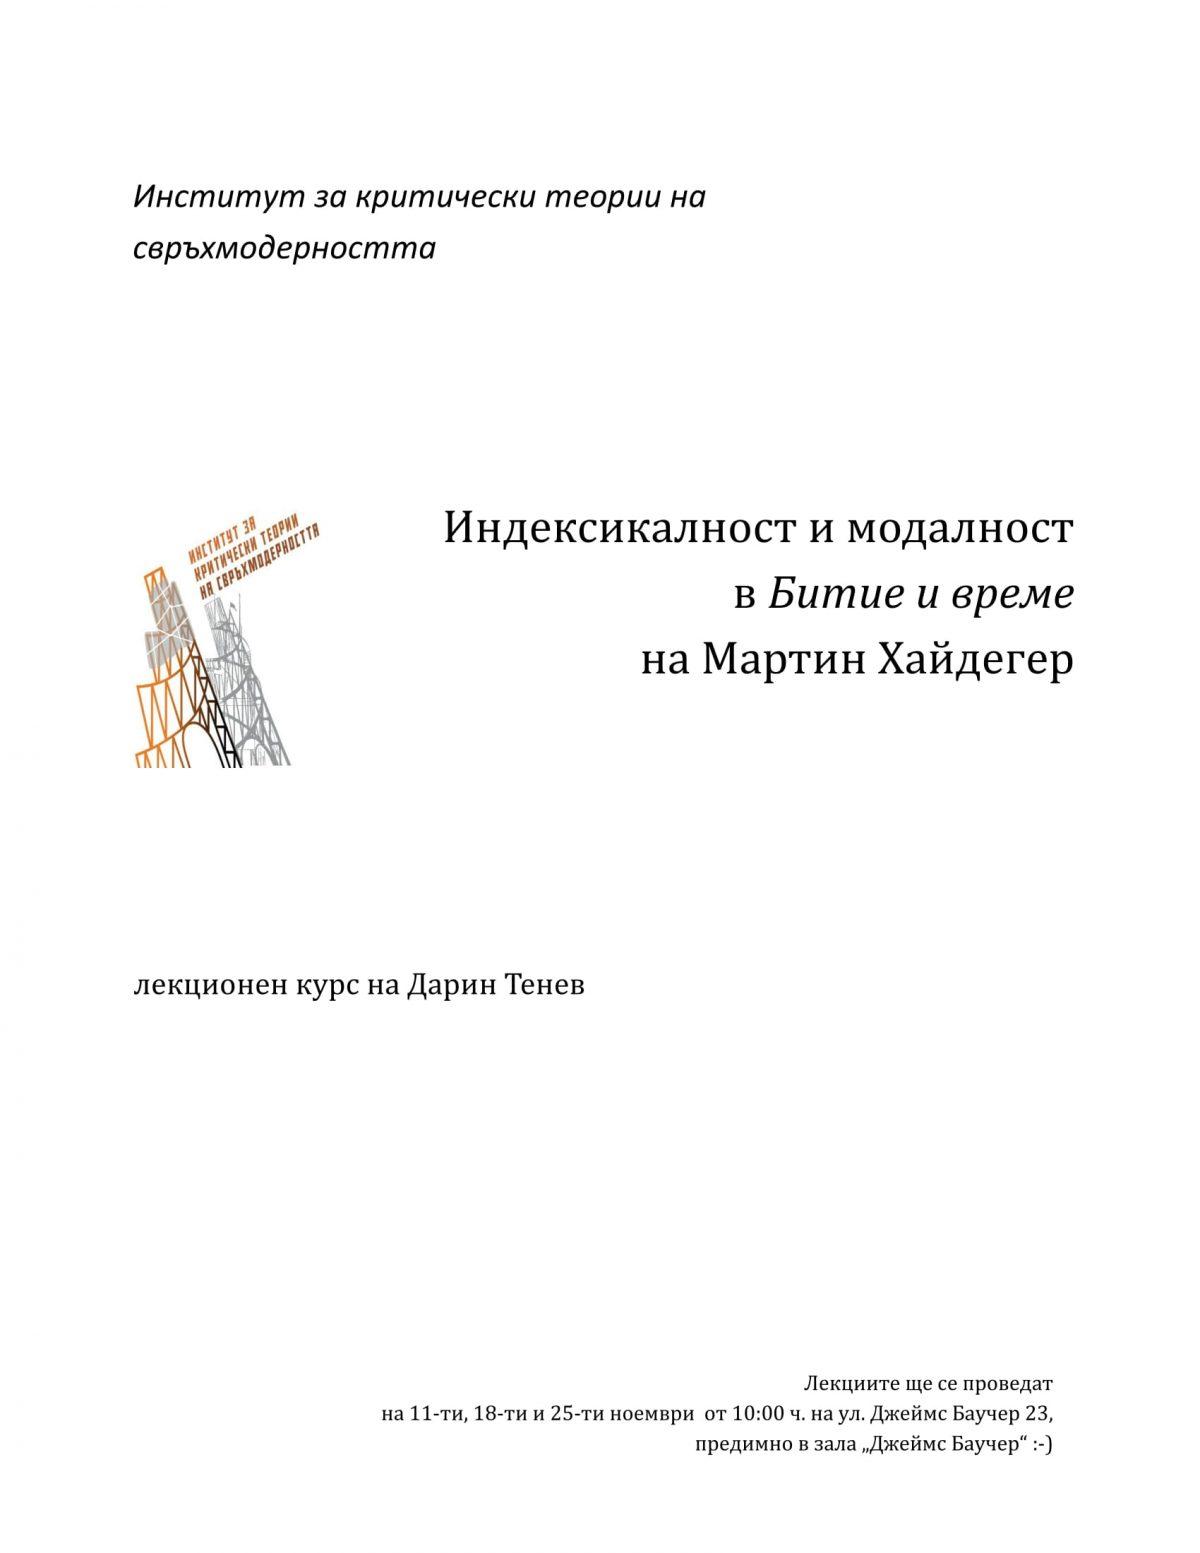 """Дарин Тенев: Индексикалност и модалност в """"Битие и време"""" на М. Хайдегер"""